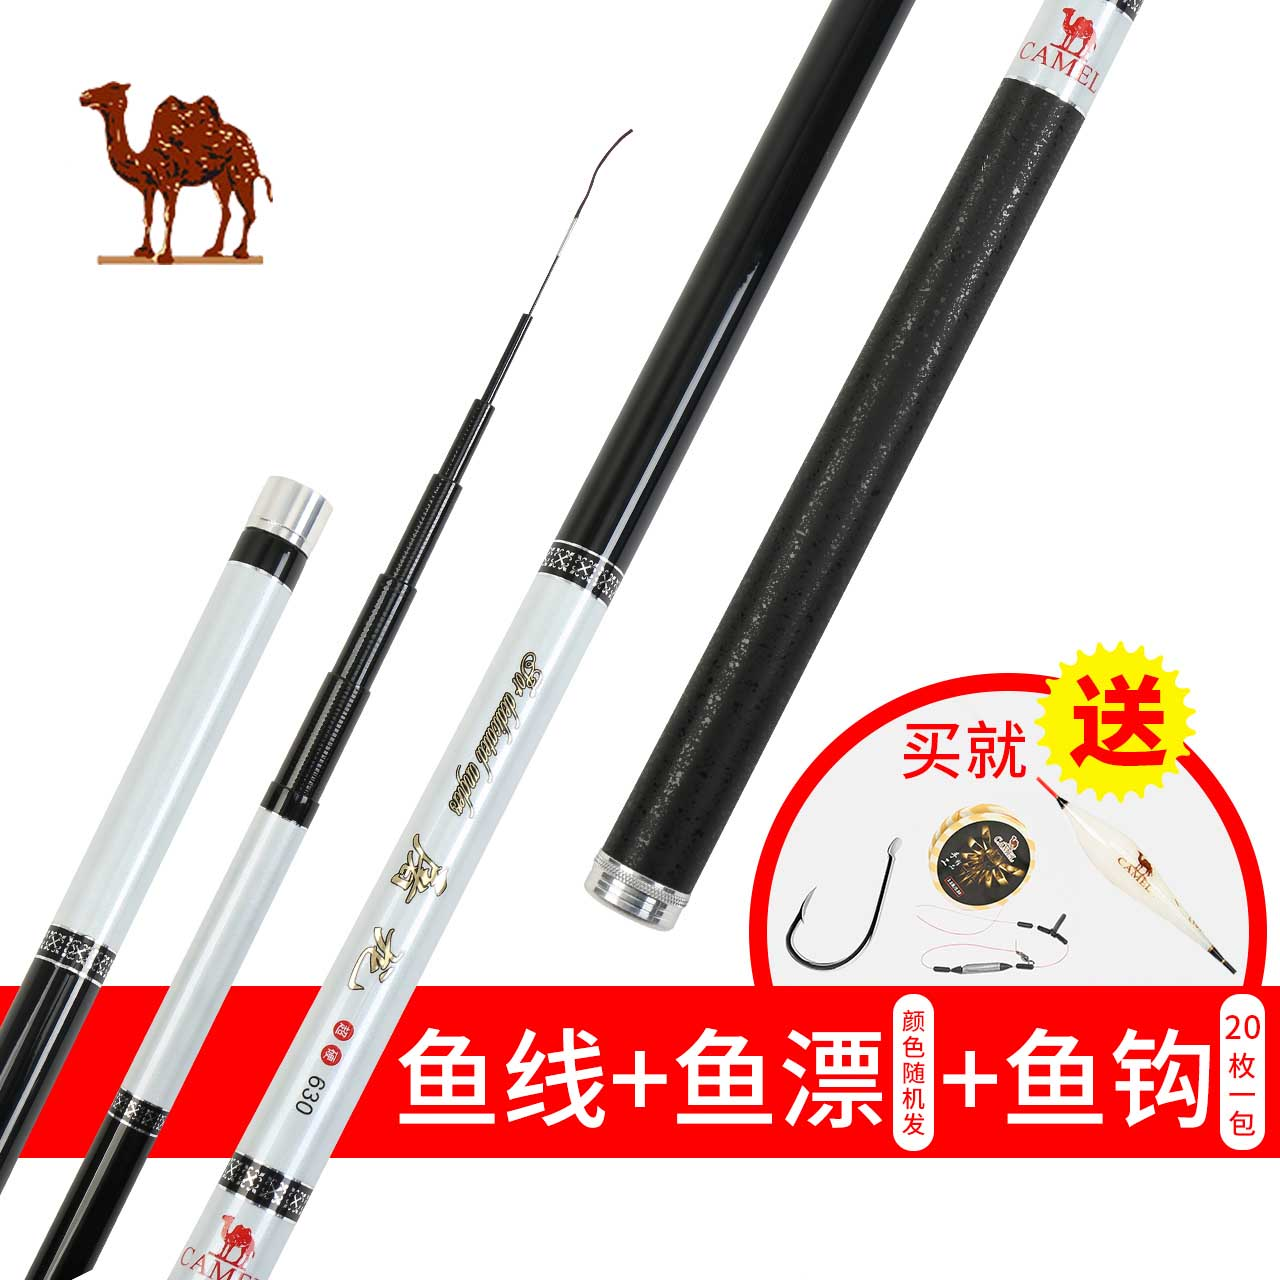 骆驼钓鱼竿手竿碳素杆套装组合全套超轻硬鲤鲫鱼竿渔具37调台钓竿